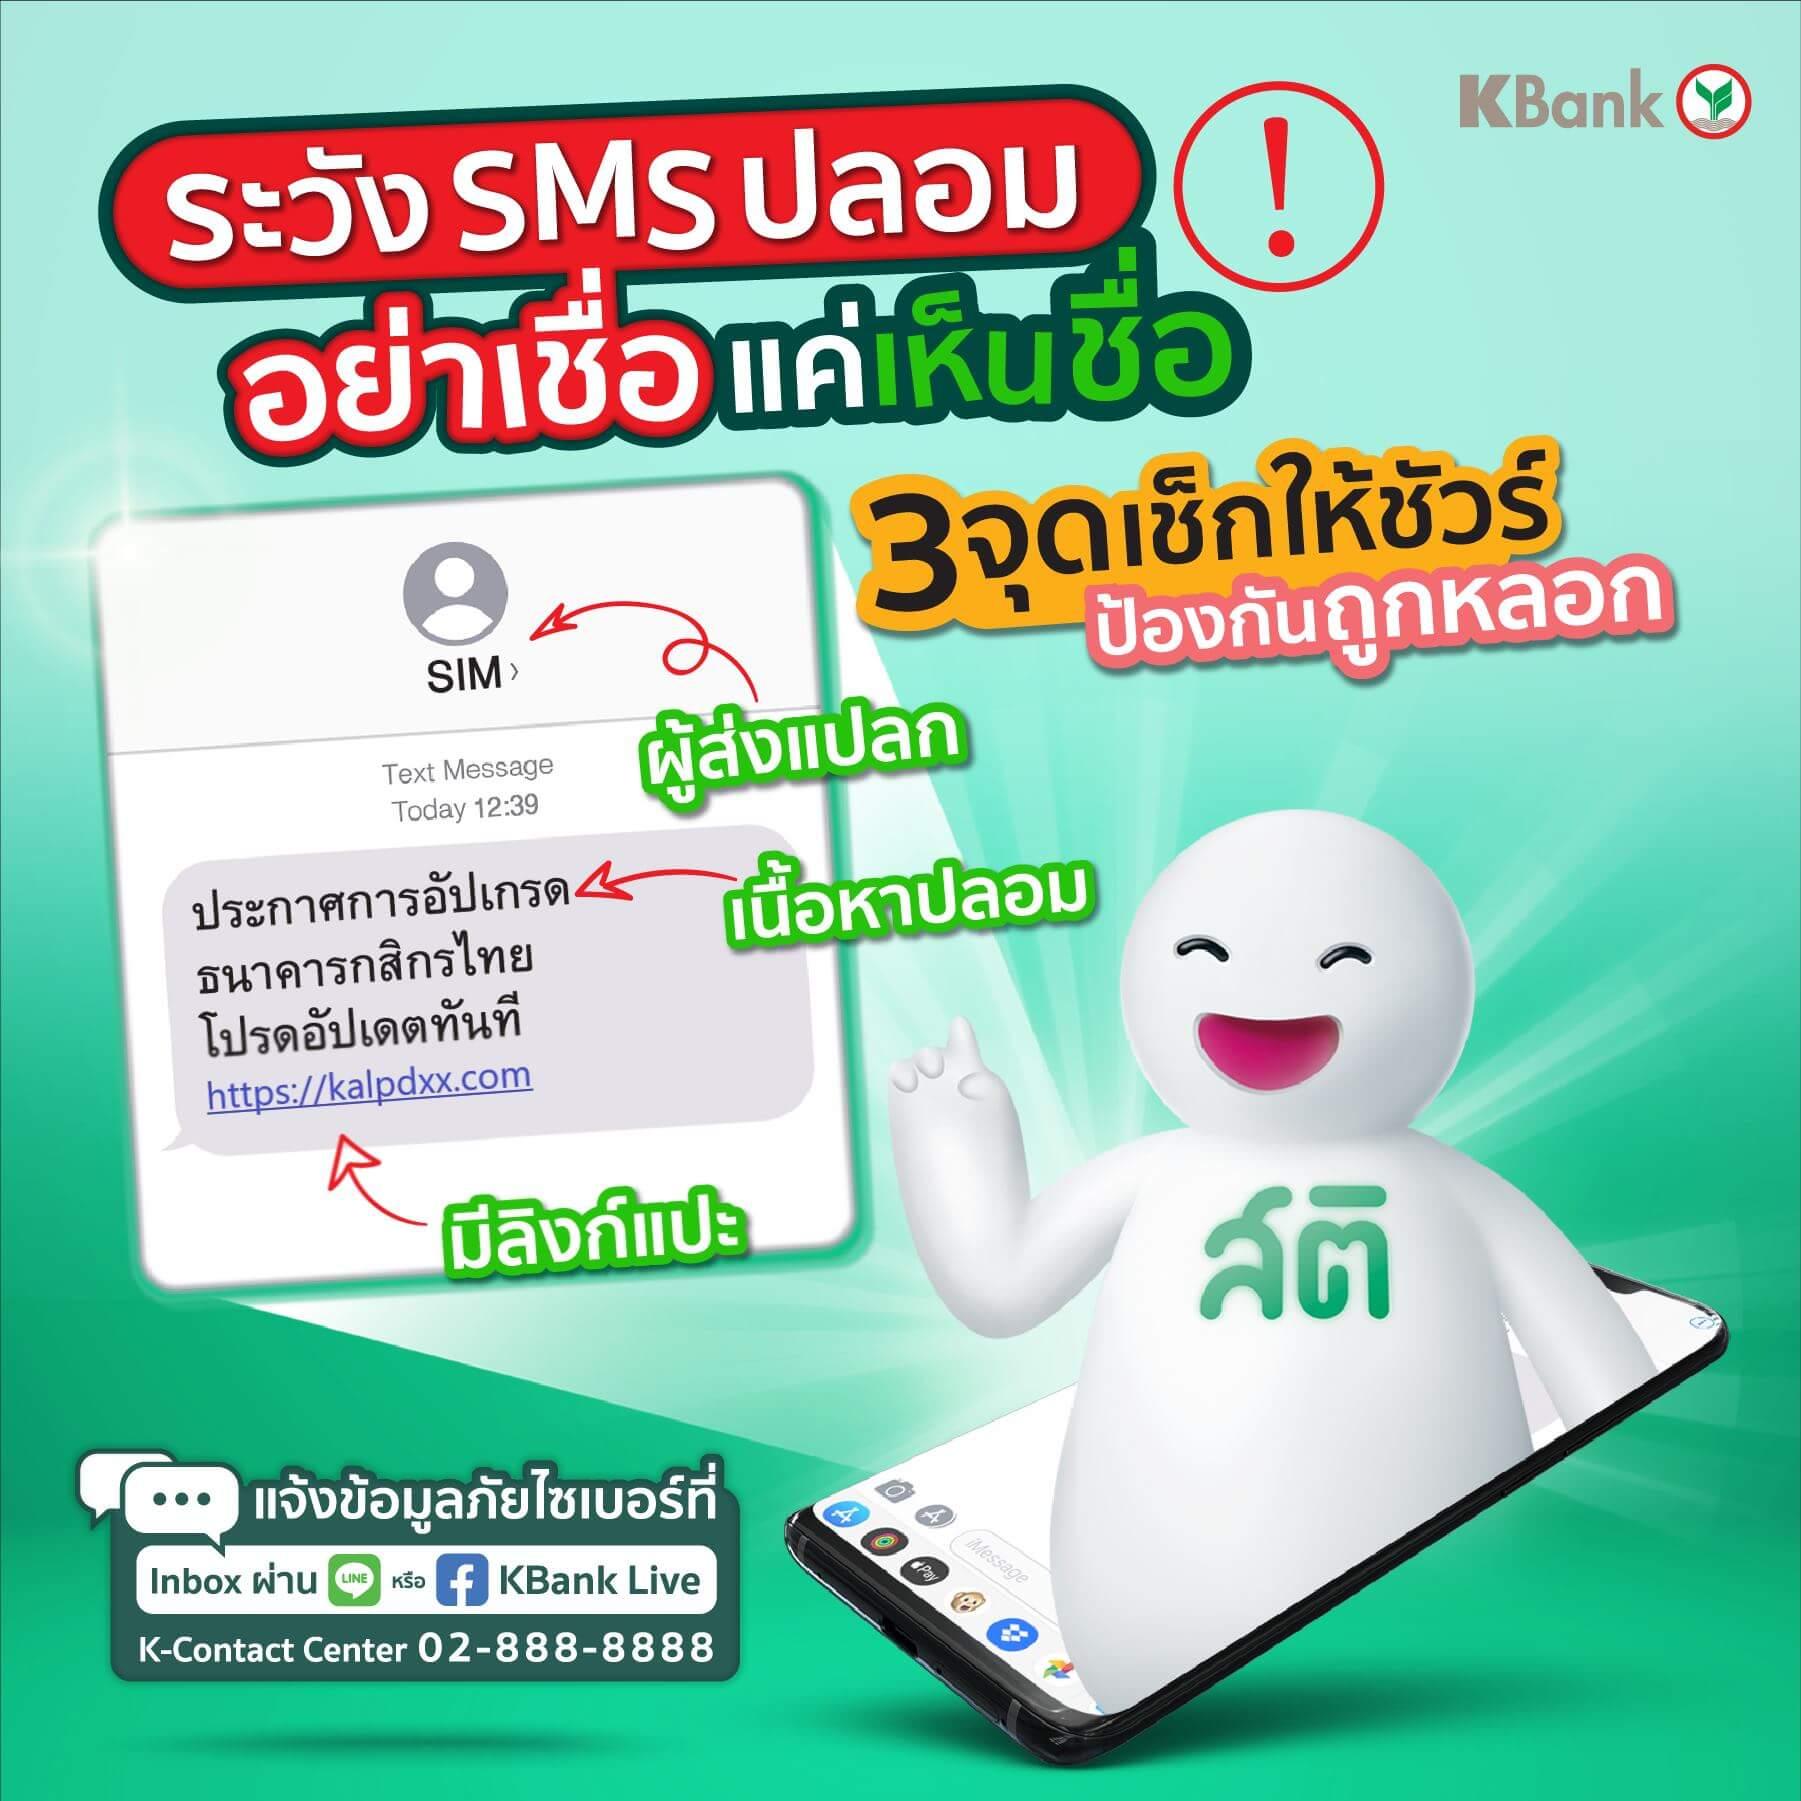 3 จุดสังเกตุในการดู SMS ปลอม